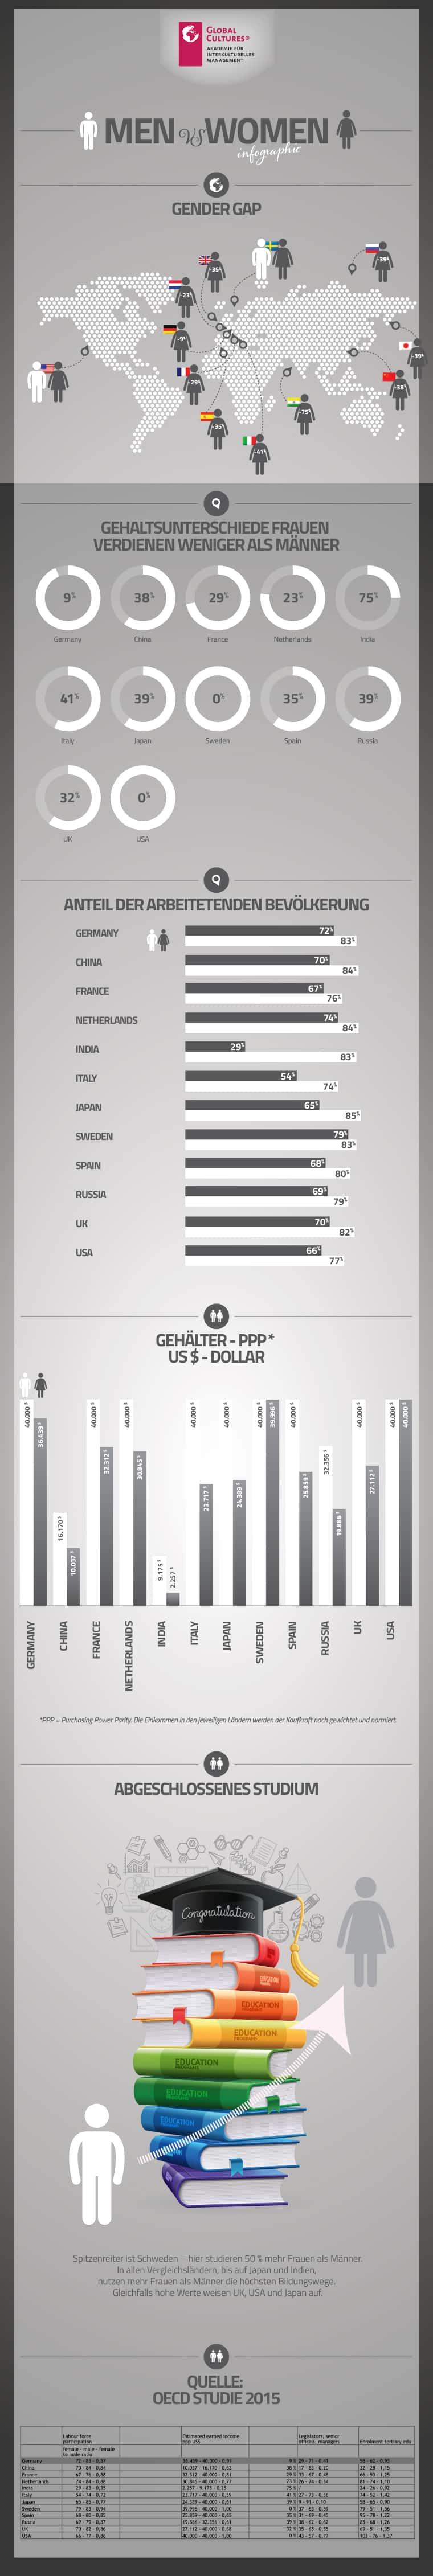 Ungleichheit in Deutschland – Frauen verdienen immer noch weniger als Männer!